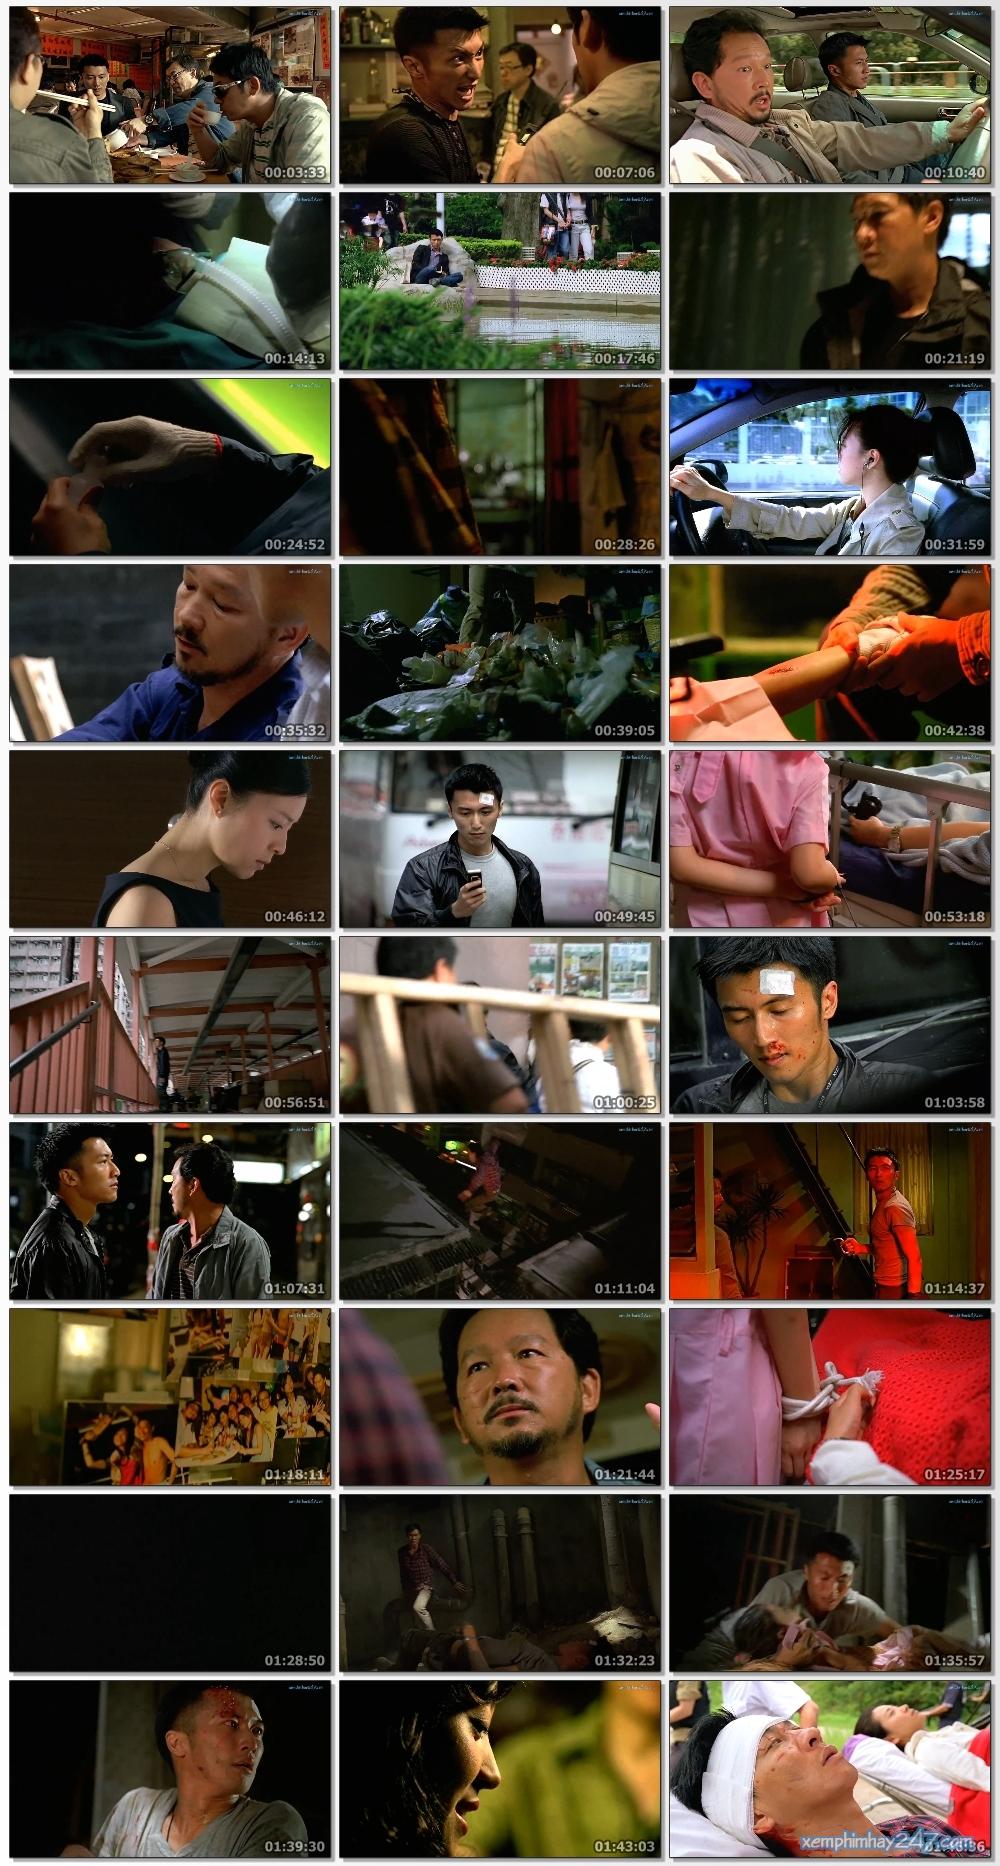 http://xemphimhay247.com - Xem phim hay 247 - Nhân Chứng (2008) - The Beast Stalker (2008)